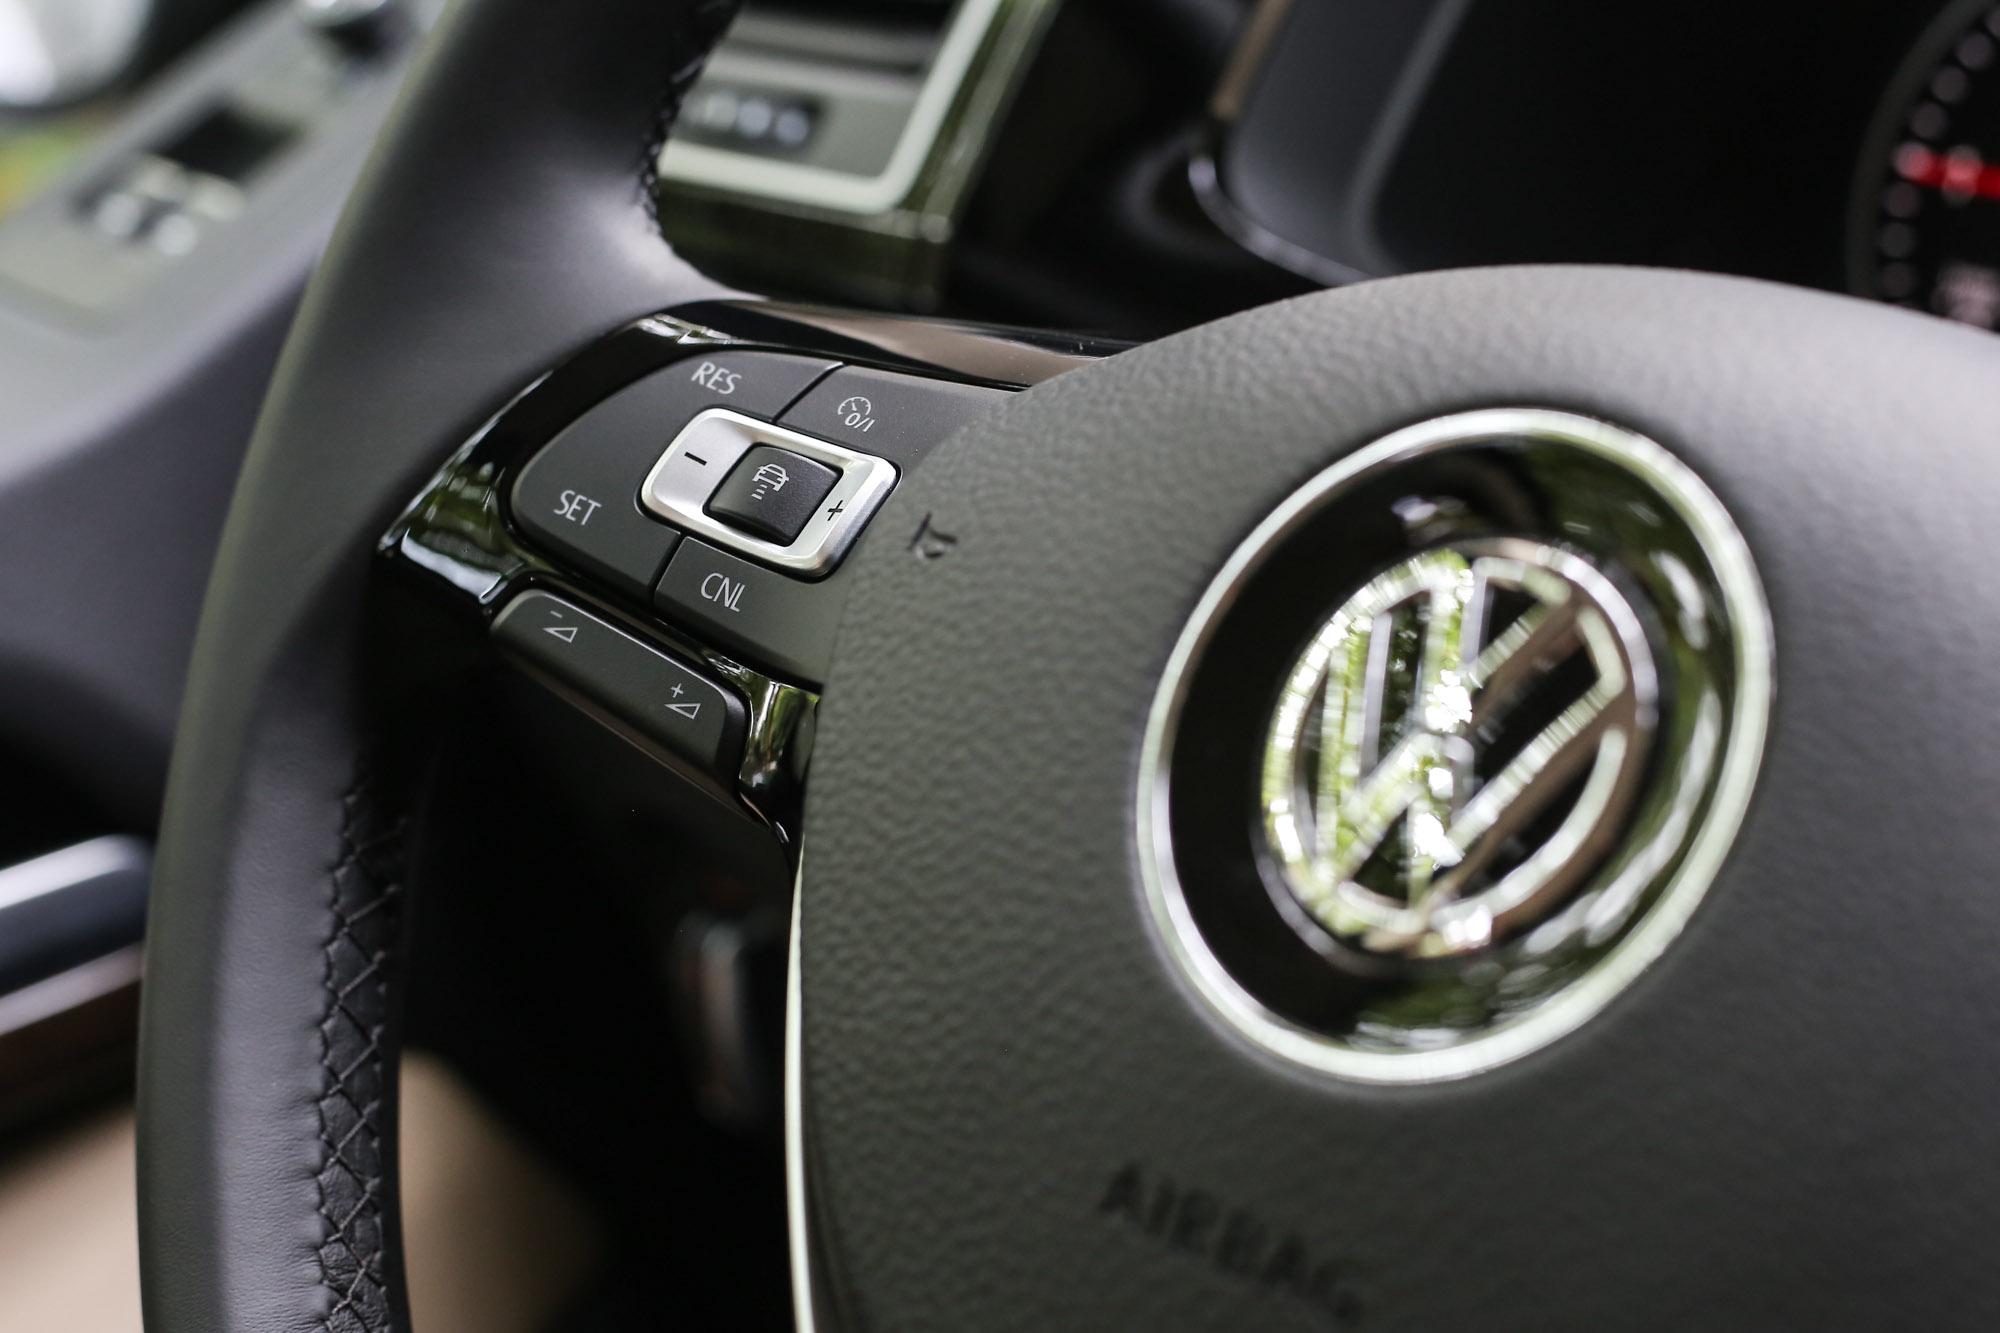 ACC 主動式車距調節巡航系統整合 Front Assist 車前碰撞預警系統與 AEB 自動輔助緊急煞車功能,大幅提升主動安全表現。